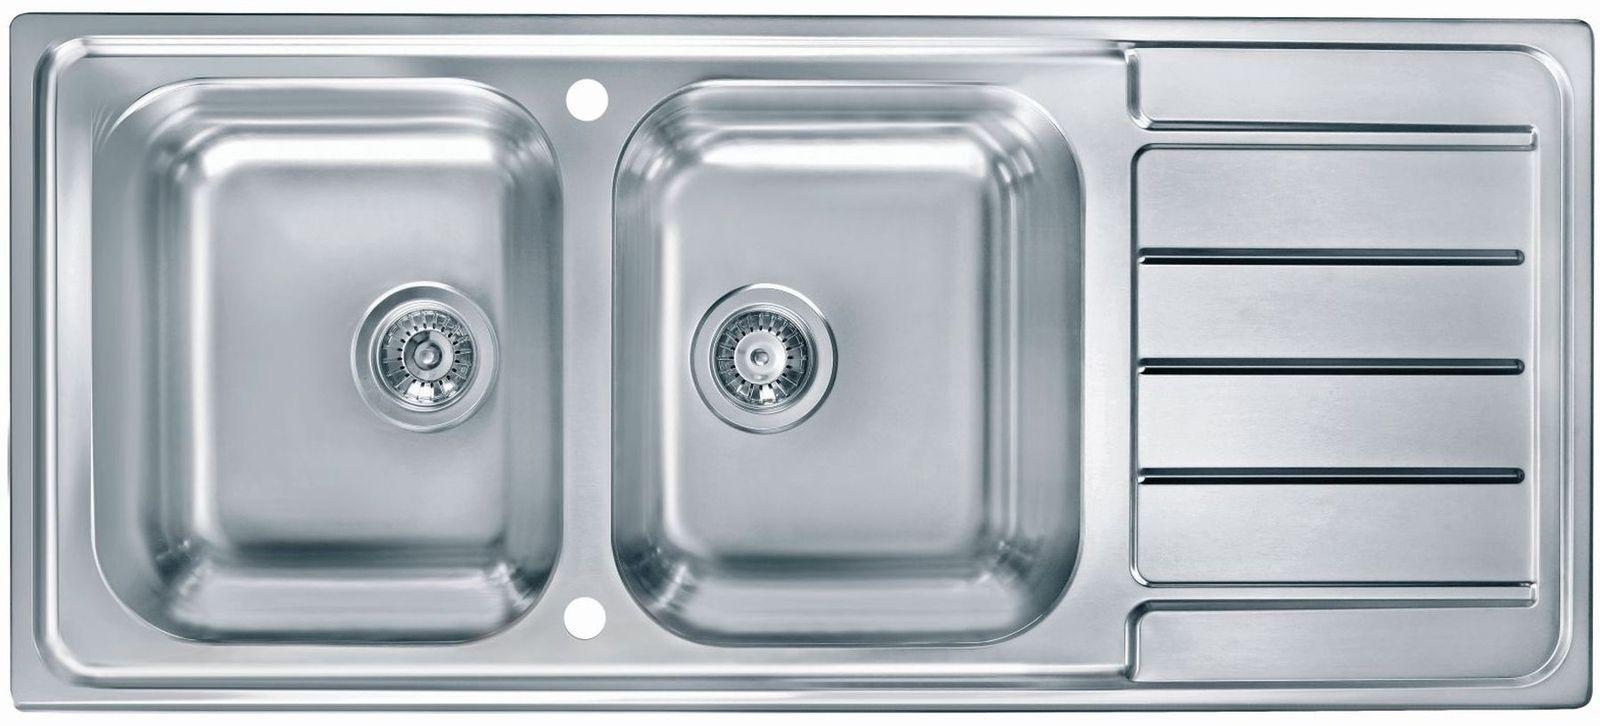 Doppelwaschbecken Edelstahl alveus edelstahl einbau küchenspüle 1160 x 500 mm doppelspülbecken